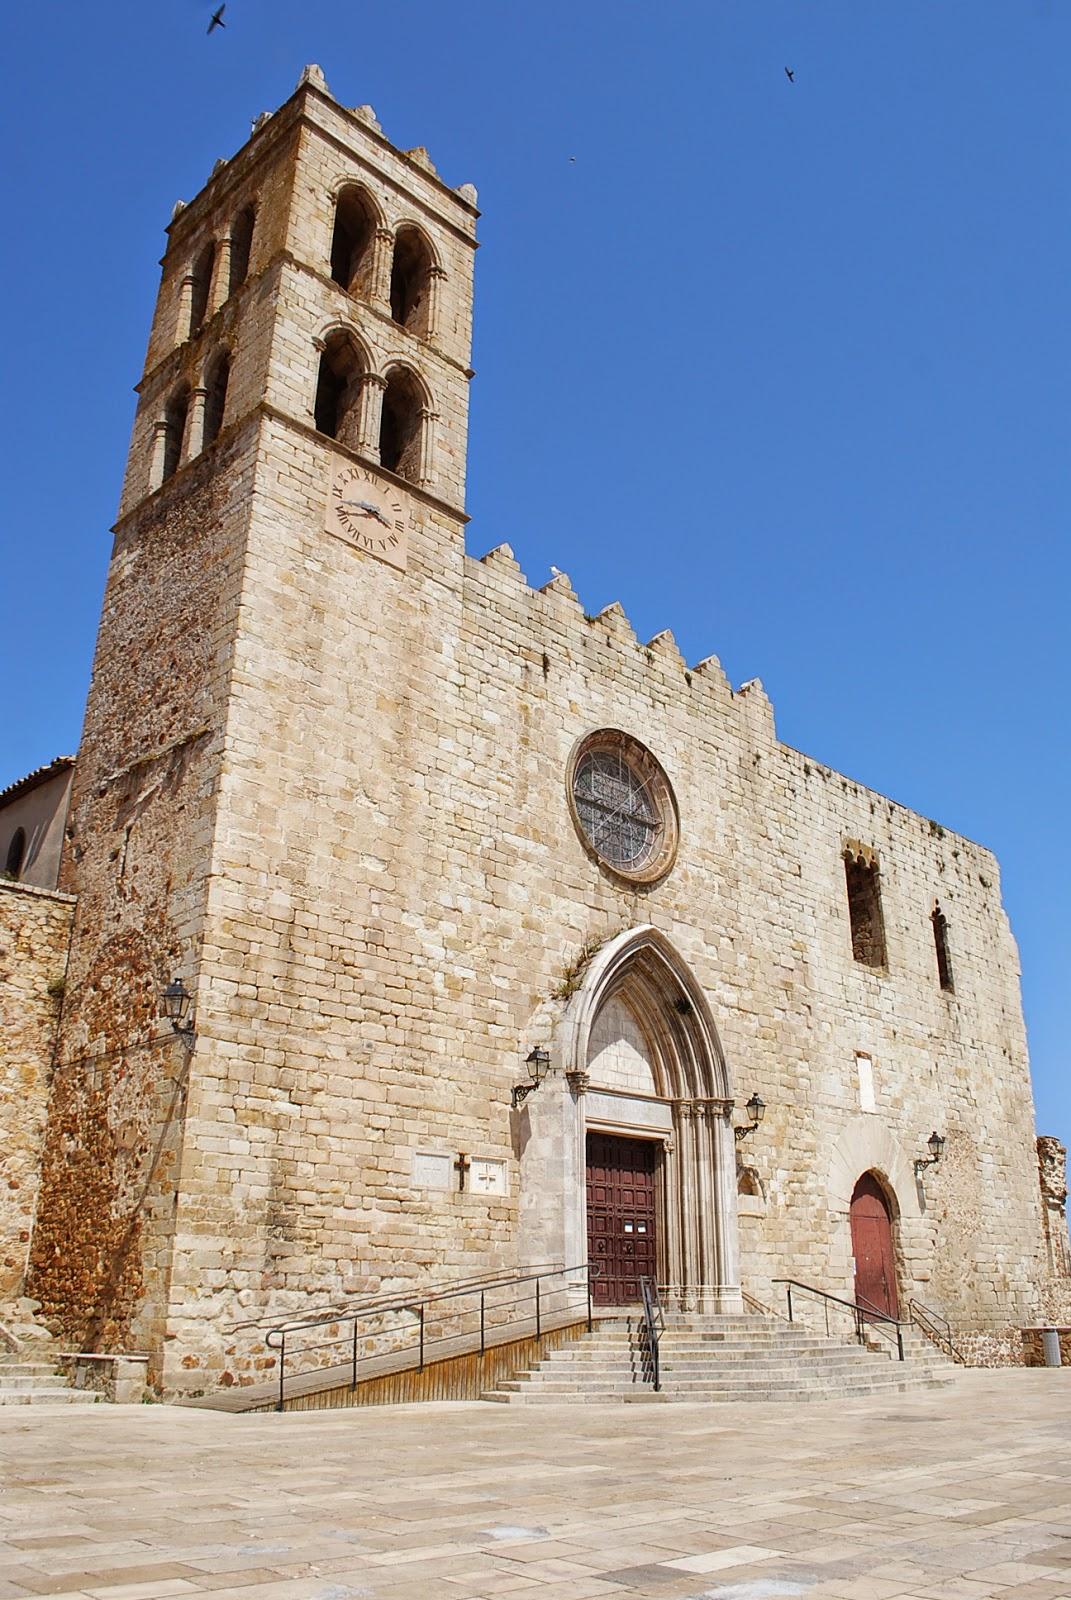 Церковь св. Девы Марии. Бланес, Коста Брава, Каталония, Испания.